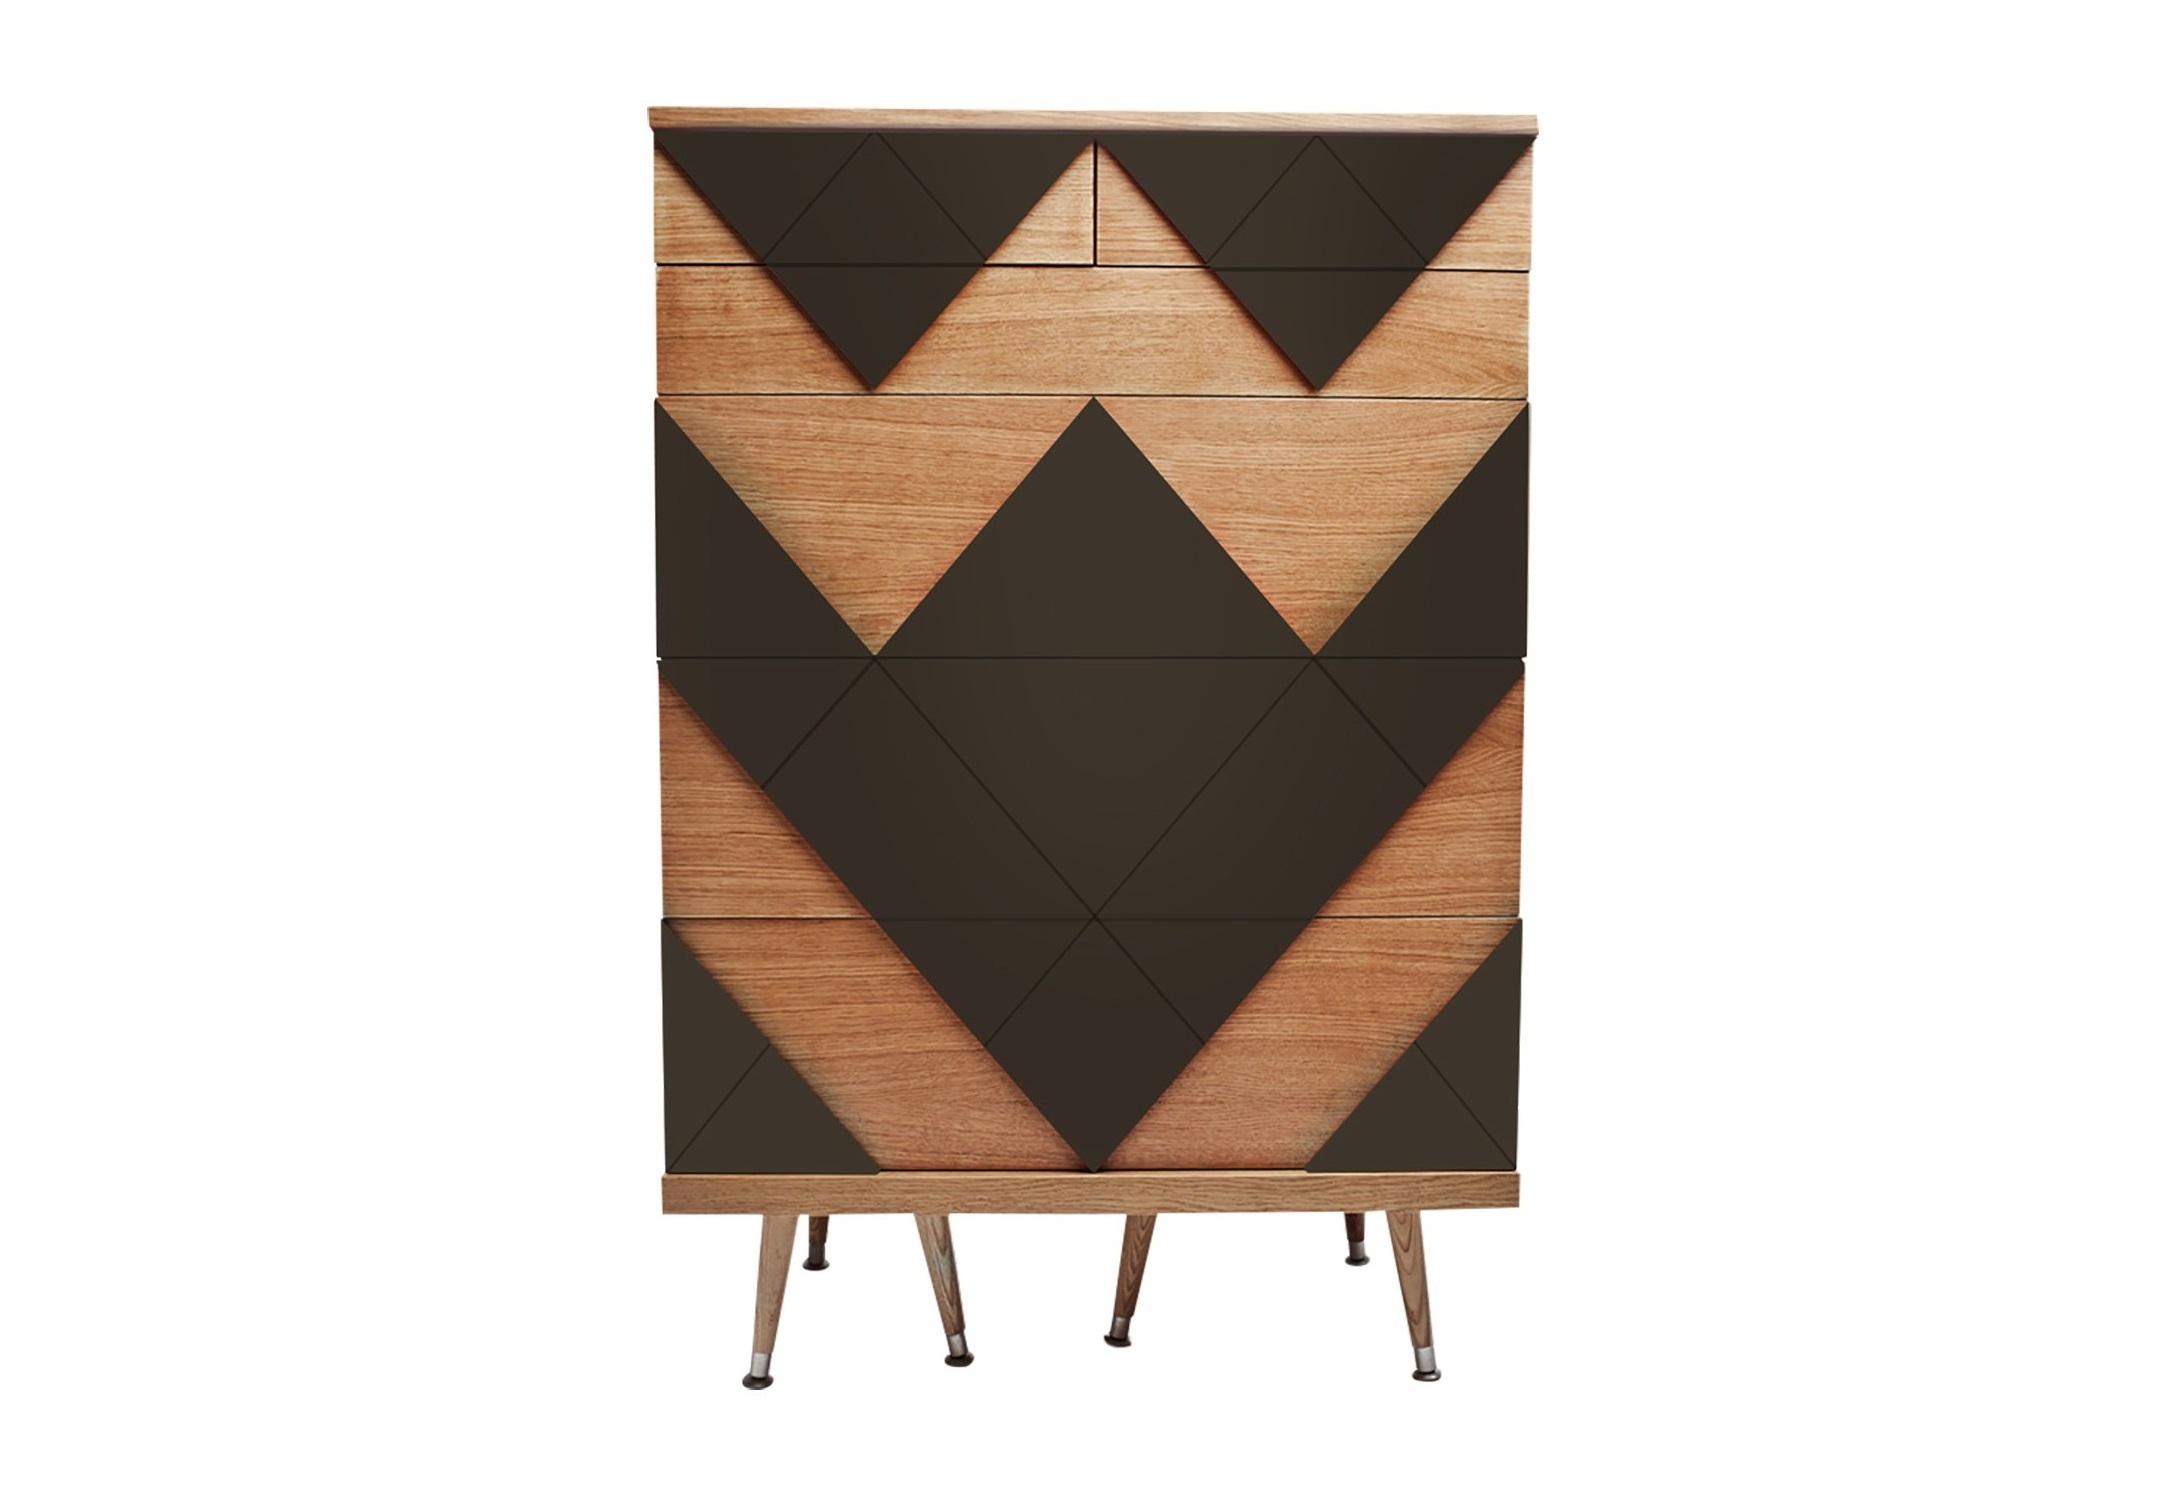 """Купить Комод """"big woo"""" (Woodi) коричневый мдф 80x120x50 см. 81409 в интернет магазине. Цены, фото, описания, характеристики, отзывы, обзоры"""